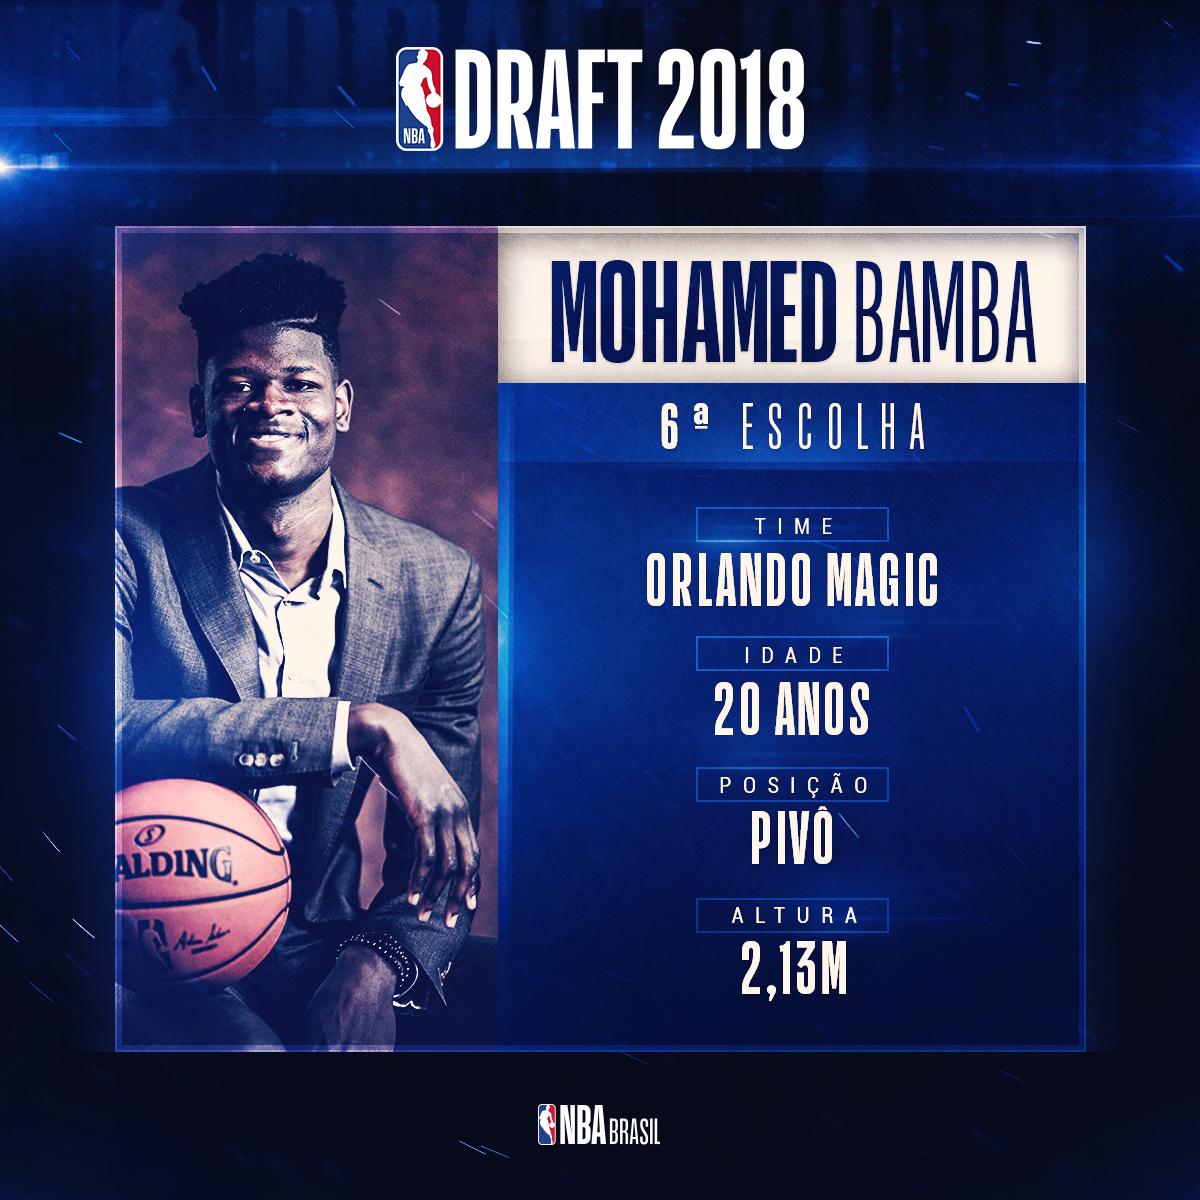 Mohamed Bamba é a 6ª ESCOLHA do #NBADraft 2018! O pivô que jogou na Universidade  do Texas, agora faz parte do @OrlandoMagic! Bamba foi listado com a maior envergadura (2,39m) entre os calouros do Draft! #NBAnaESPN #NBABrasil